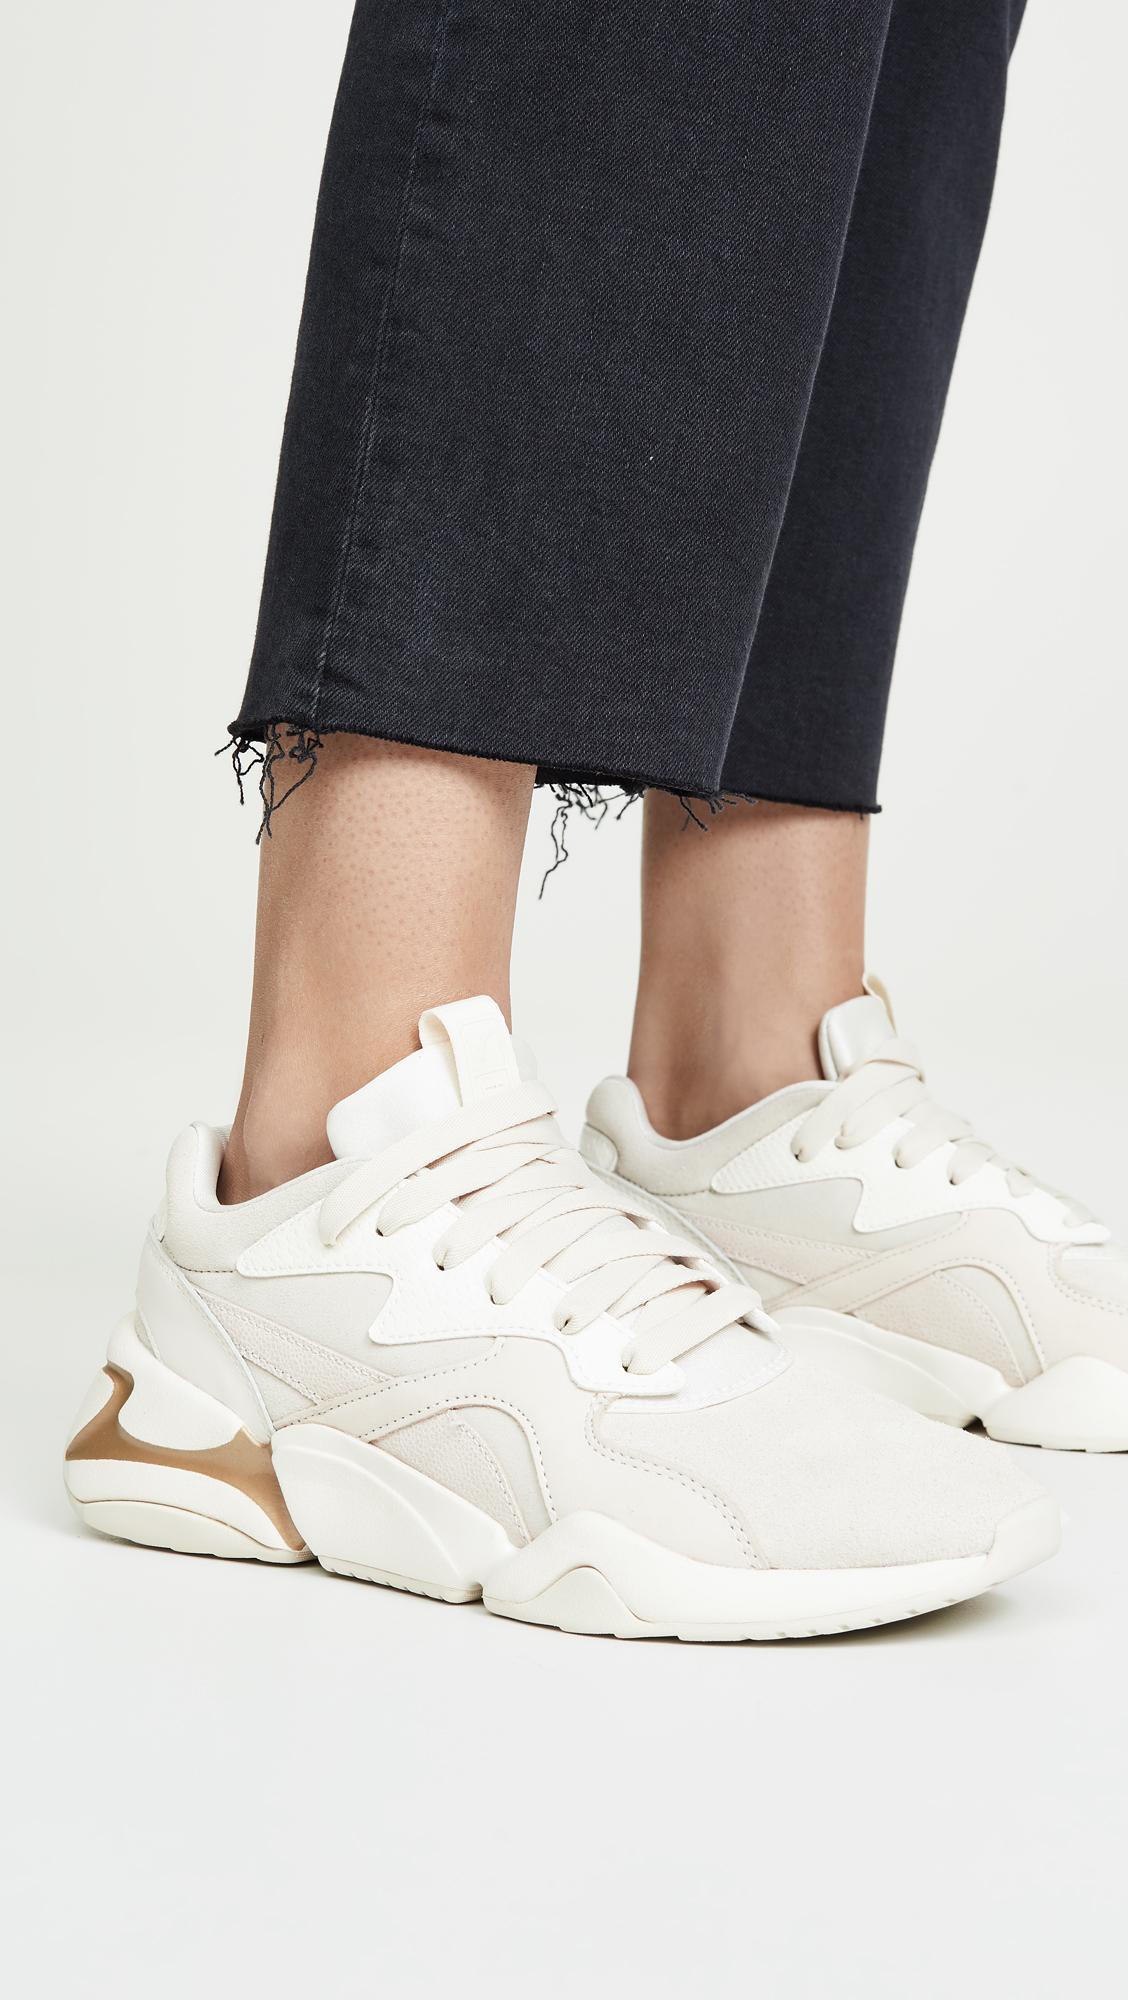 Nova Pastel Grunge Sneakers